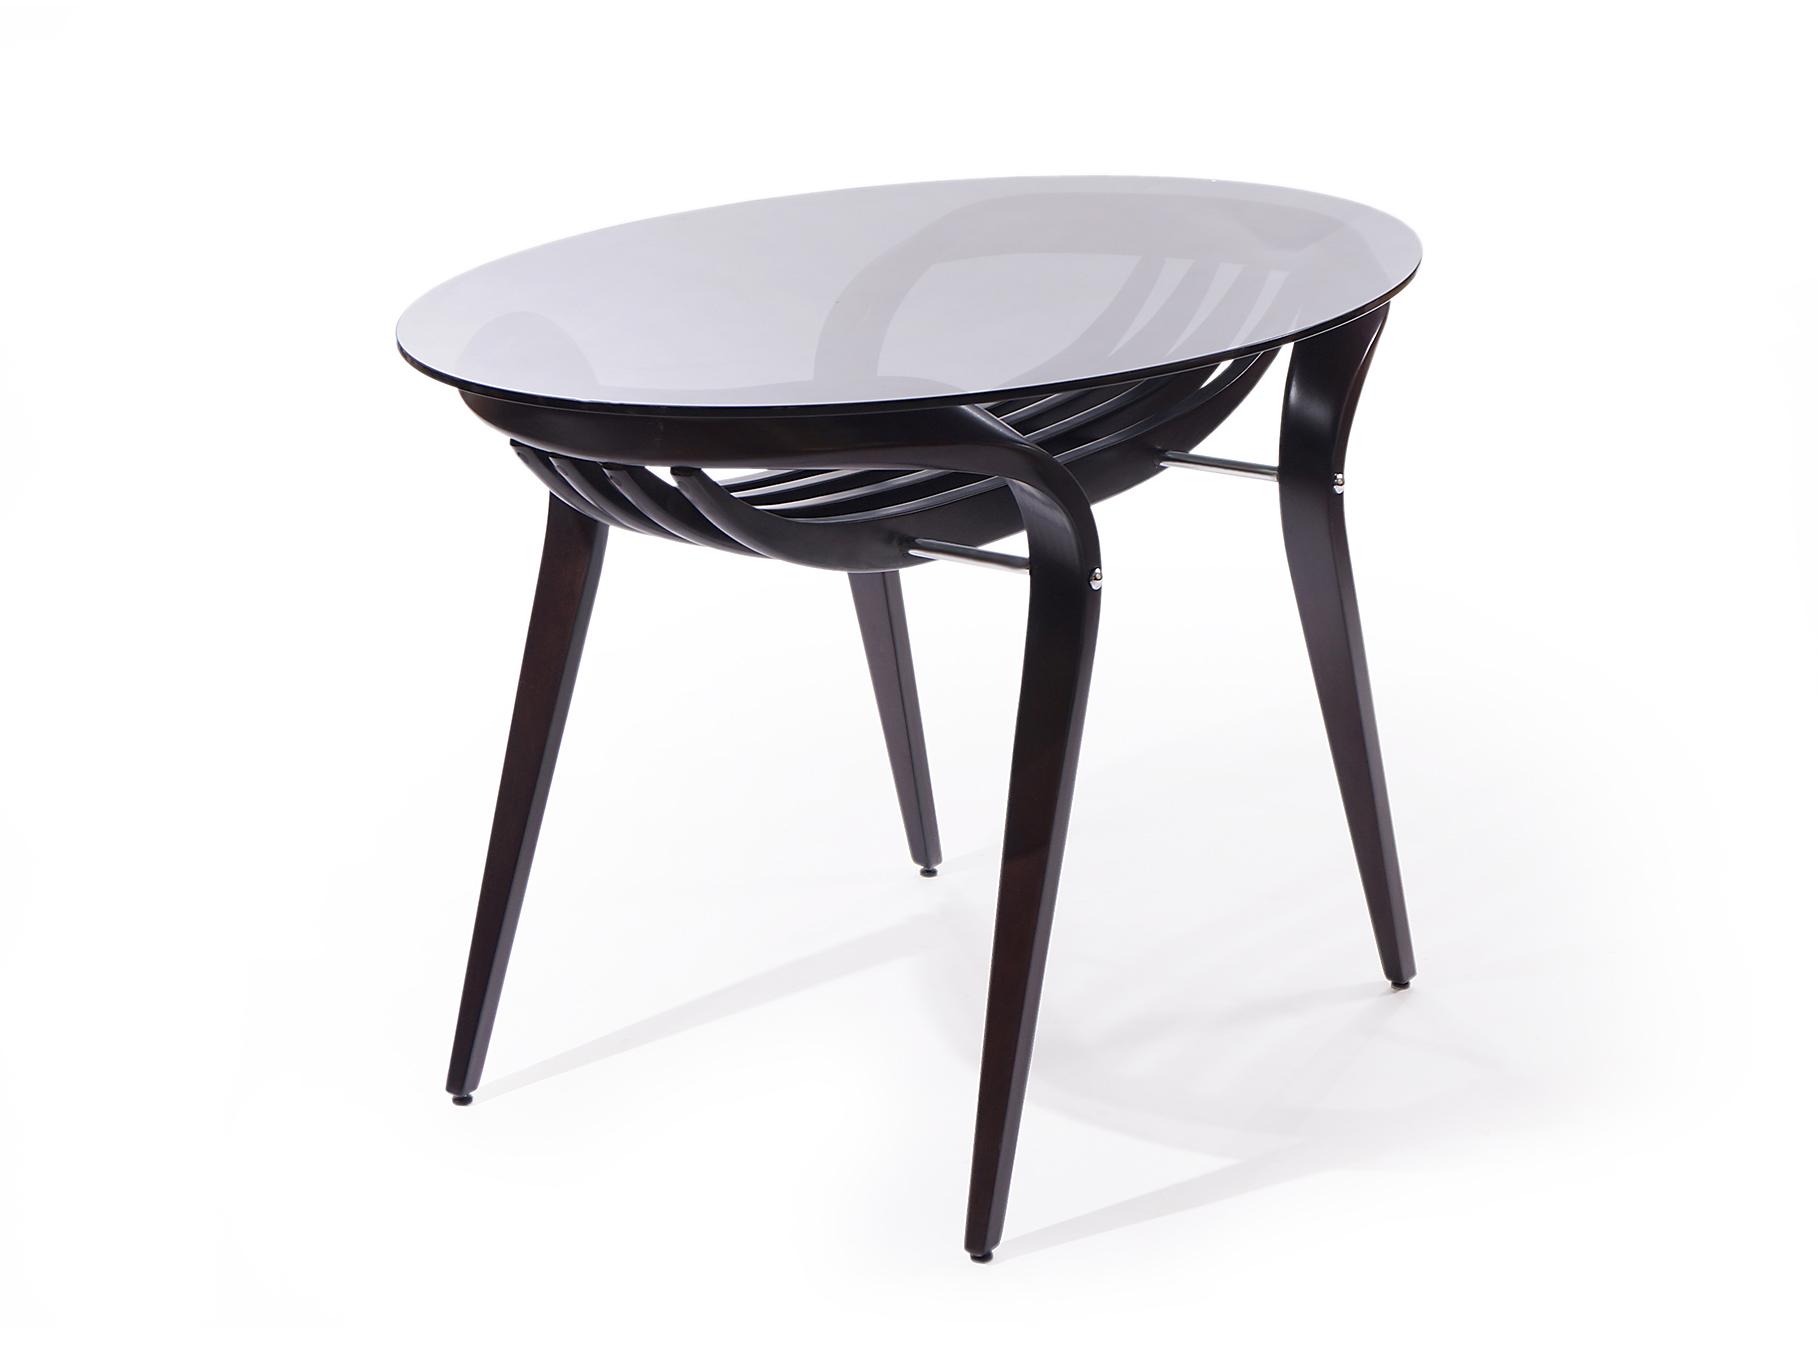 Стол обеденный AprioriОбеденные столы<br>&amp;lt;div&amp;gt;Изящный лёгкий обеденный стол с стеклянной столешницей. Хорошо сочетается с серией стульев &amp;quot;Apriori&amp;quot;. Возможны модификации с увеличенным столом. Возможные размеры столешниц 120х80см ,140х90 см.&amp;amp;nbsp;&amp;lt;/div&amp;gt;&amp;lt;div&amp;gt;&amp;lt;br&amp;gt;&amp;lt;/div&amp;gt;&amp;lt;div&amp;gt;Материал: натуральное дерево береза (9тон венге).&amp;lt;/div&amp;gt;<br><br>Material: Стекло<br>Length см: None<br>Width см: 120<br>Depth см: 80<br>Height см: 75